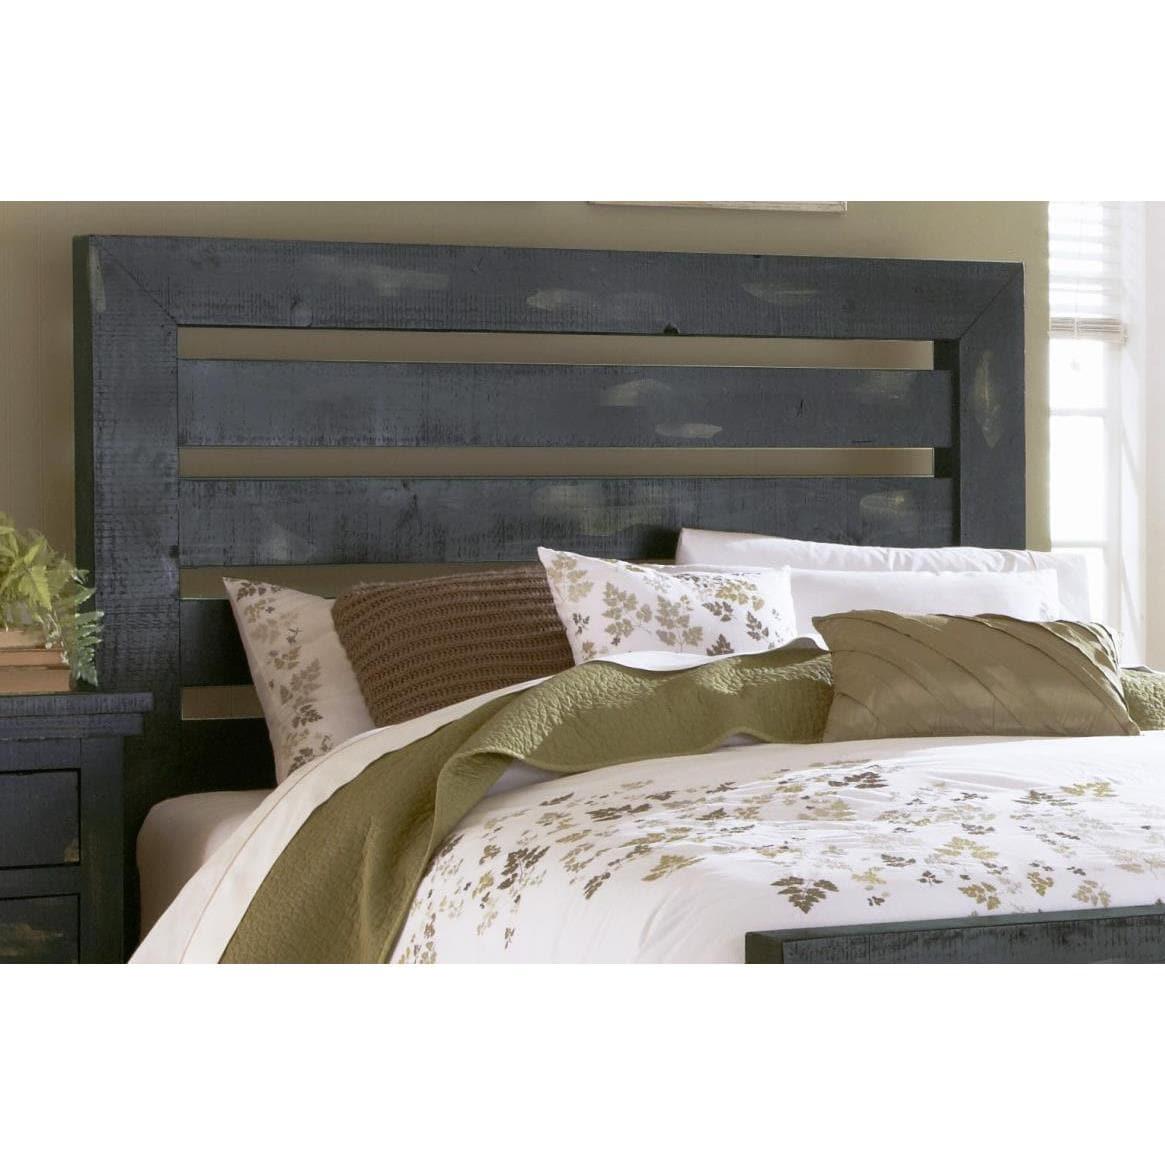 Willlow Pine Distressed Black Headboard Overstock 13004288